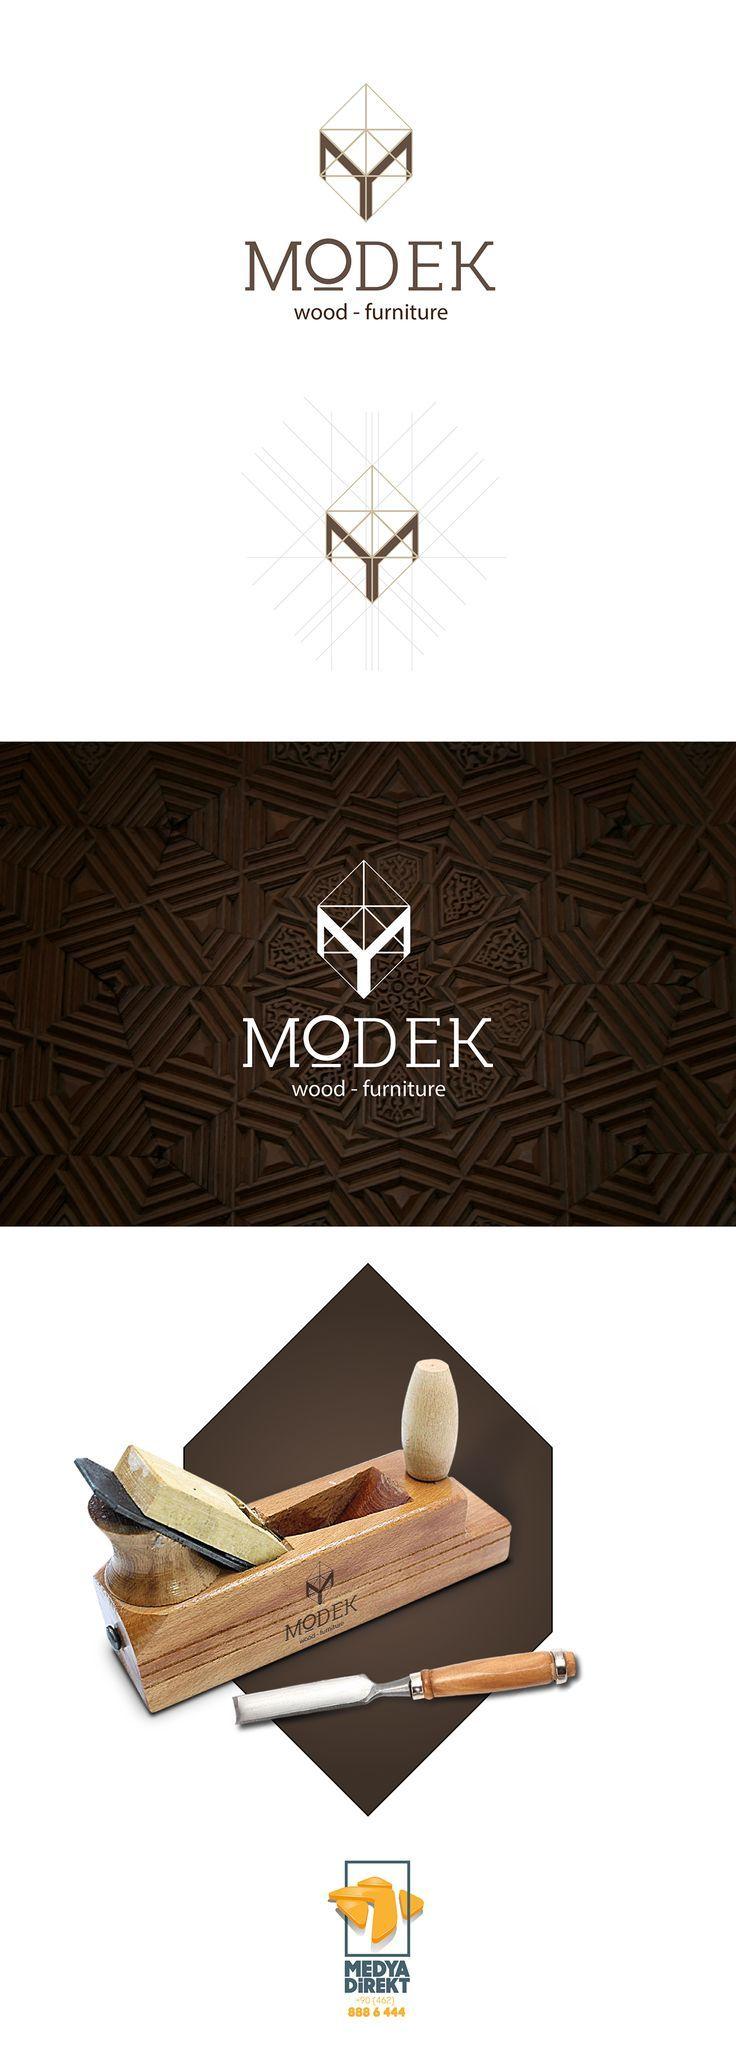 Modek - wood & furniture Logo Design on Behance More ...